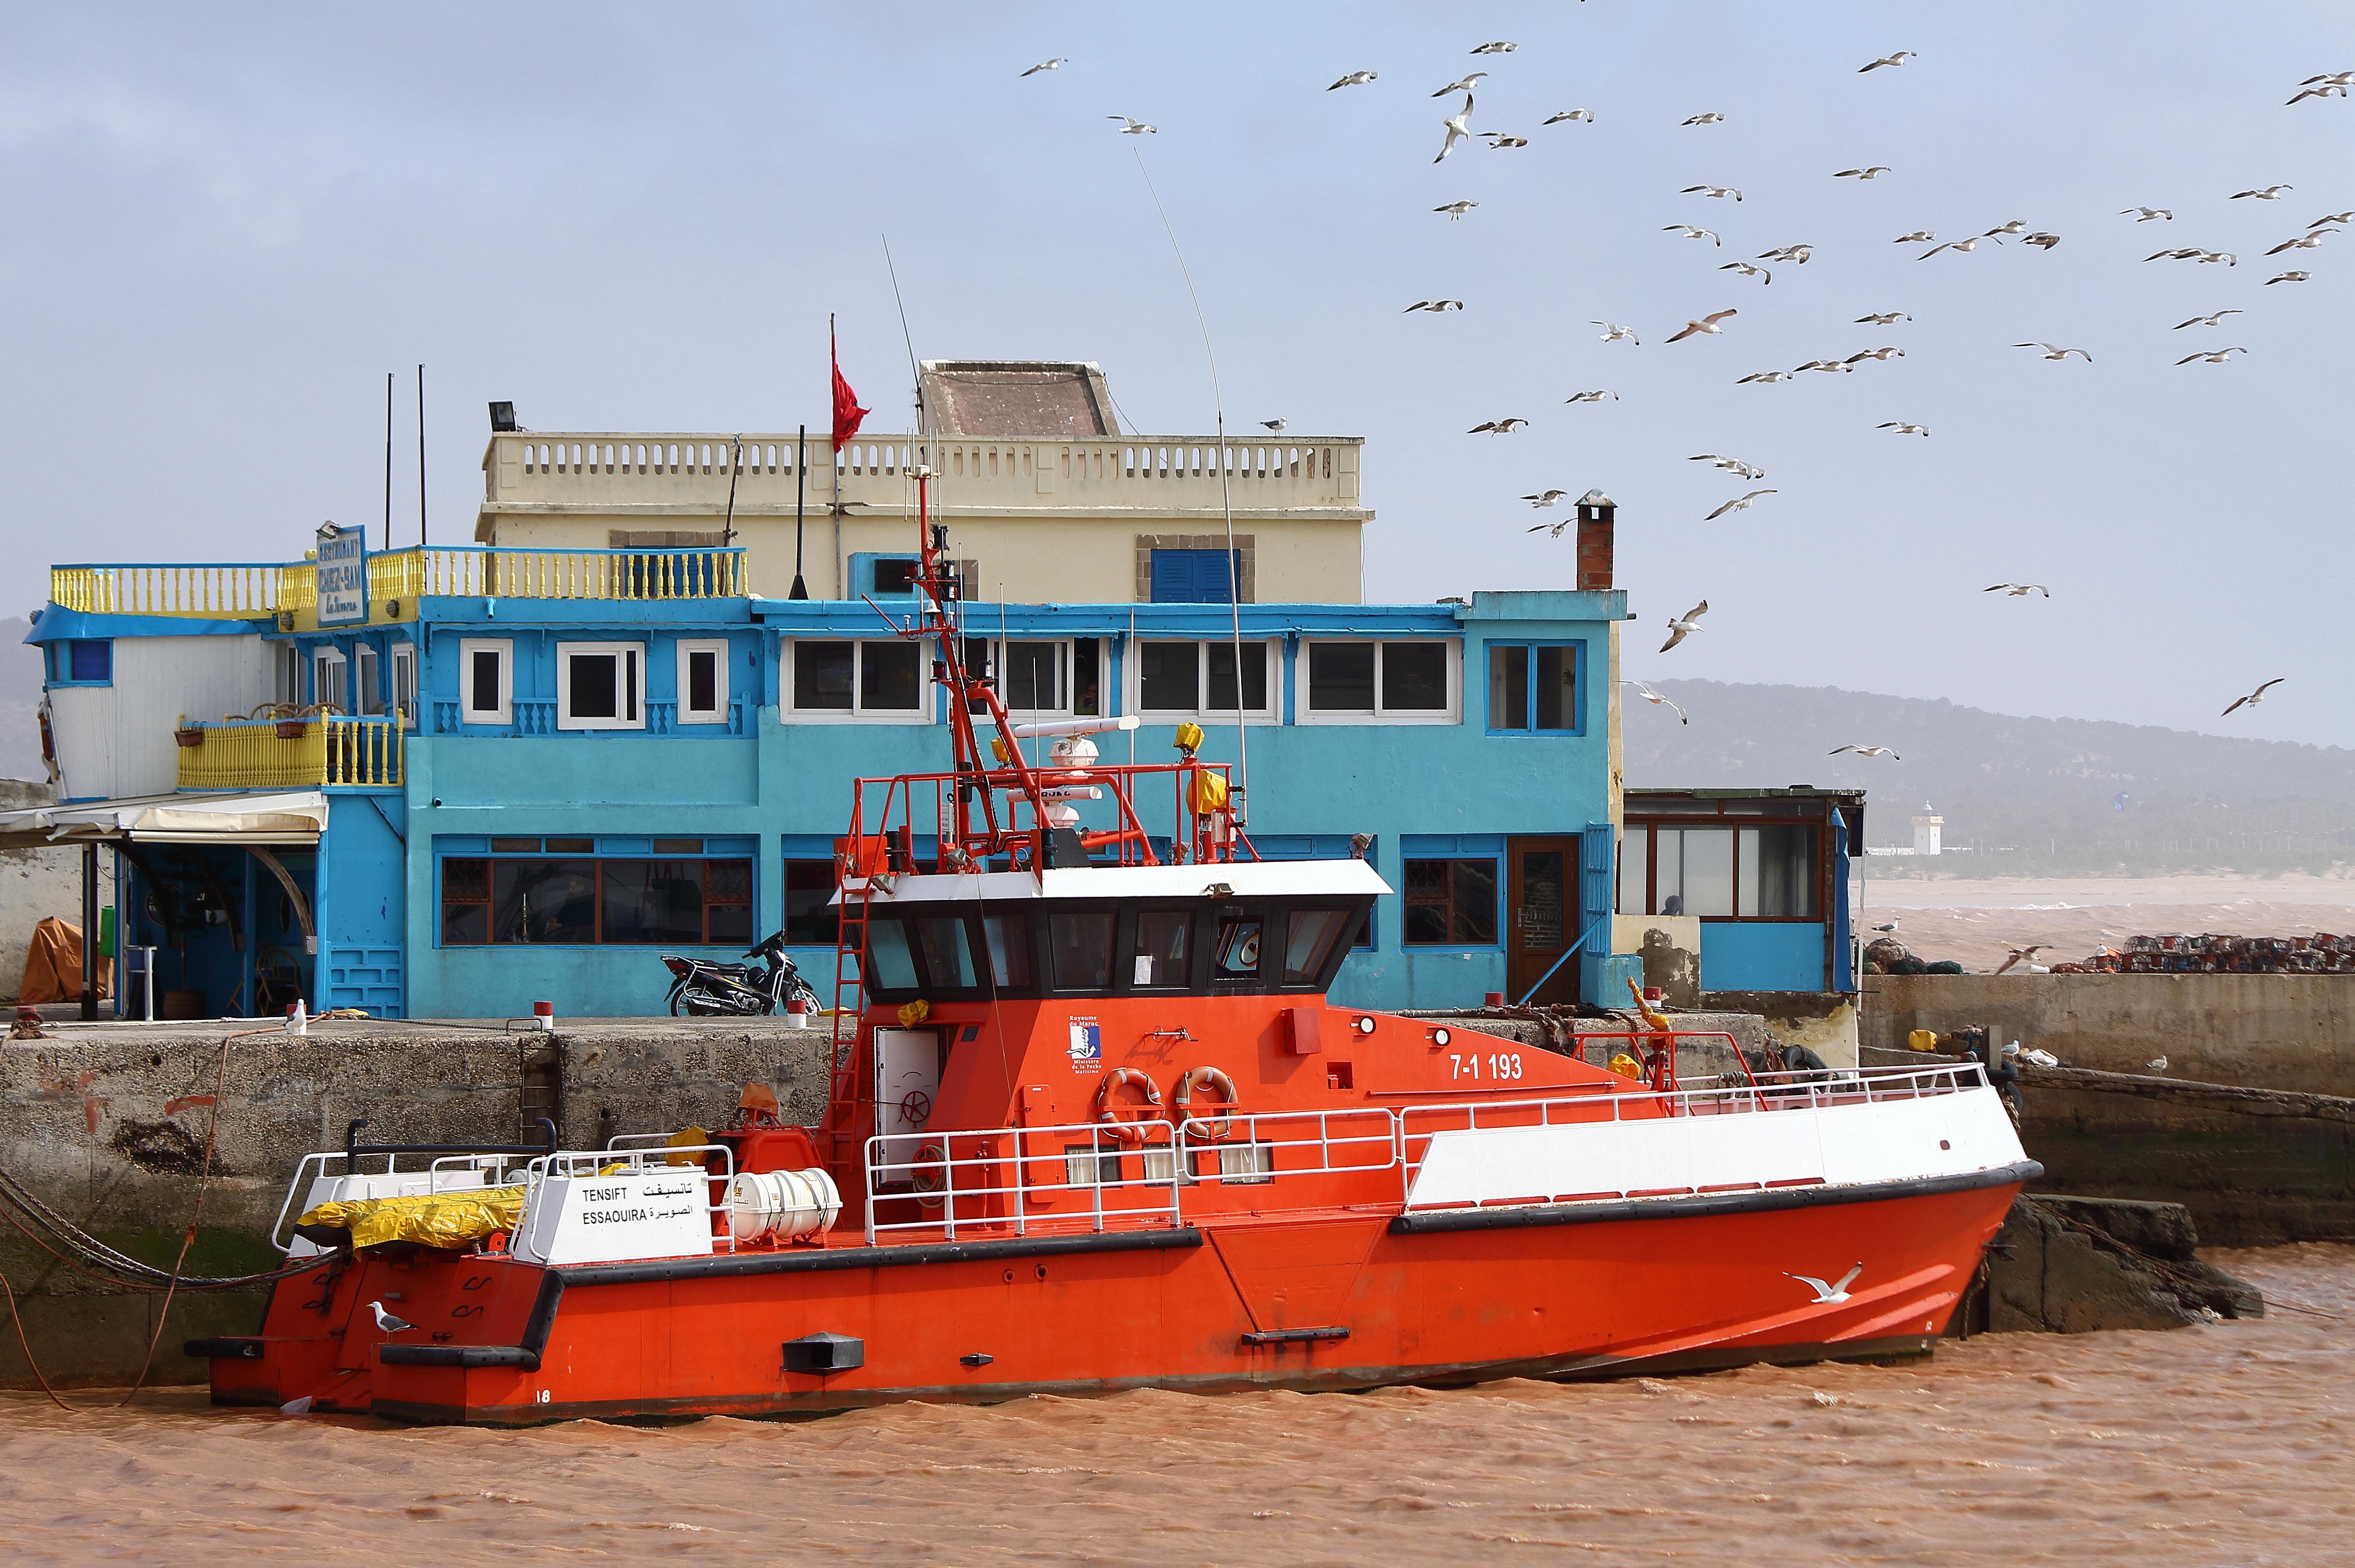 Sauvetage maritime au Maroc / service de recherche et de sauvetage  - Page 3 49974031902_0b0aecae7e_o_d